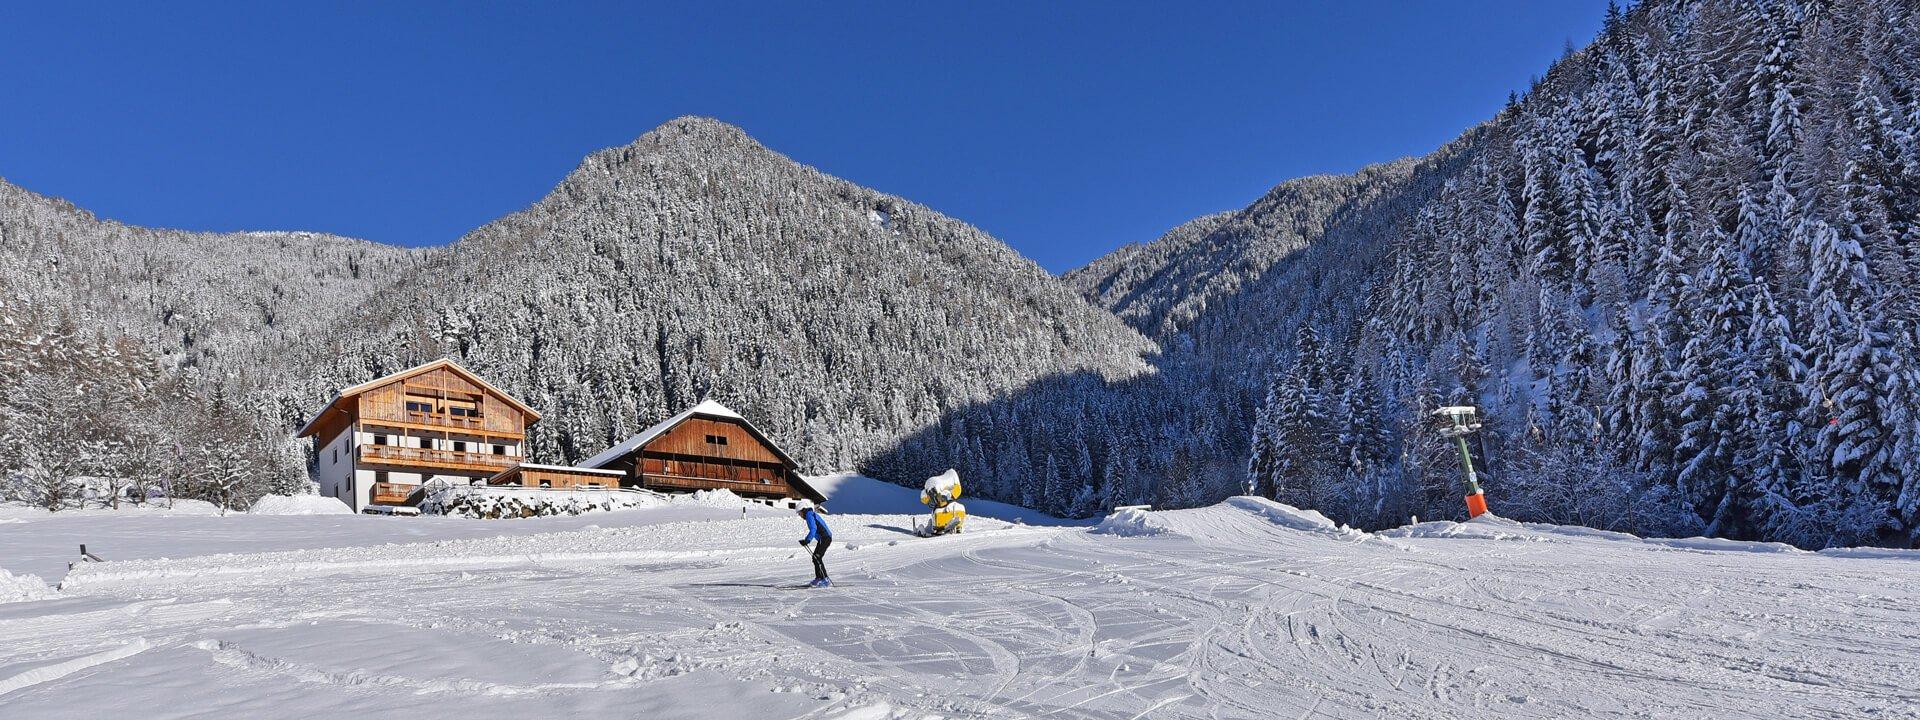 winterurlaub-auf-dem-bauernhof-suedtirol-07